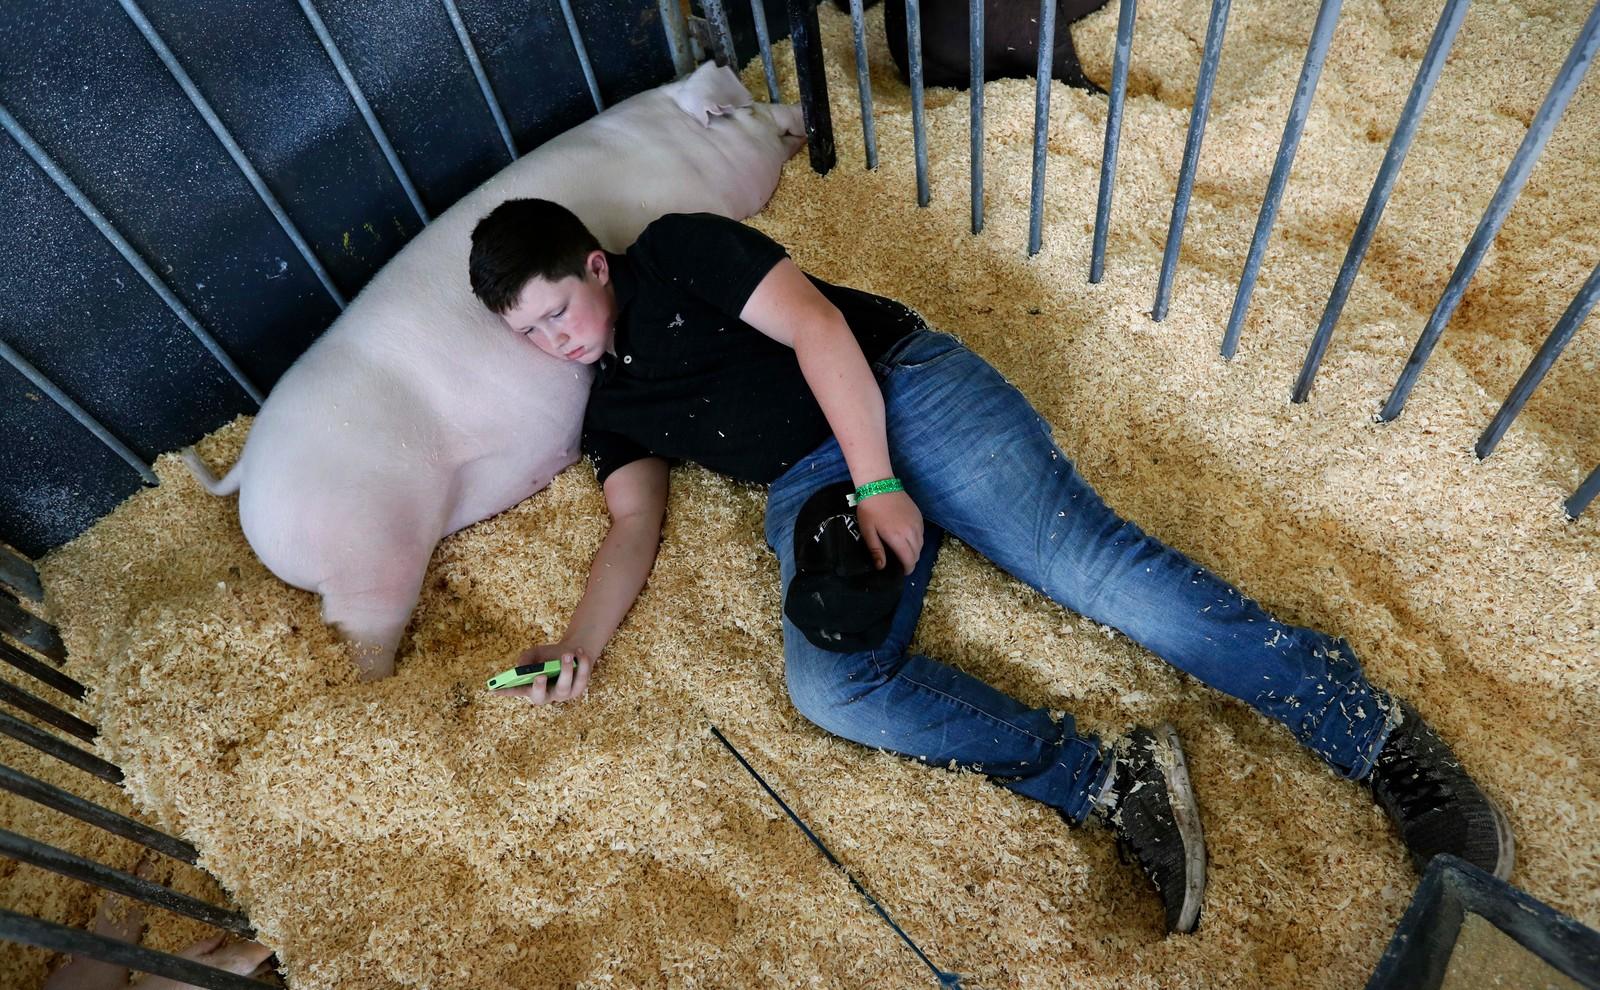 Max Petzenhauser sjekker mobiltelefonen sin mens han slapper av sammen med grisen Chico under Iowa State Fair i Des Moines, Iowa i USA torsdag.